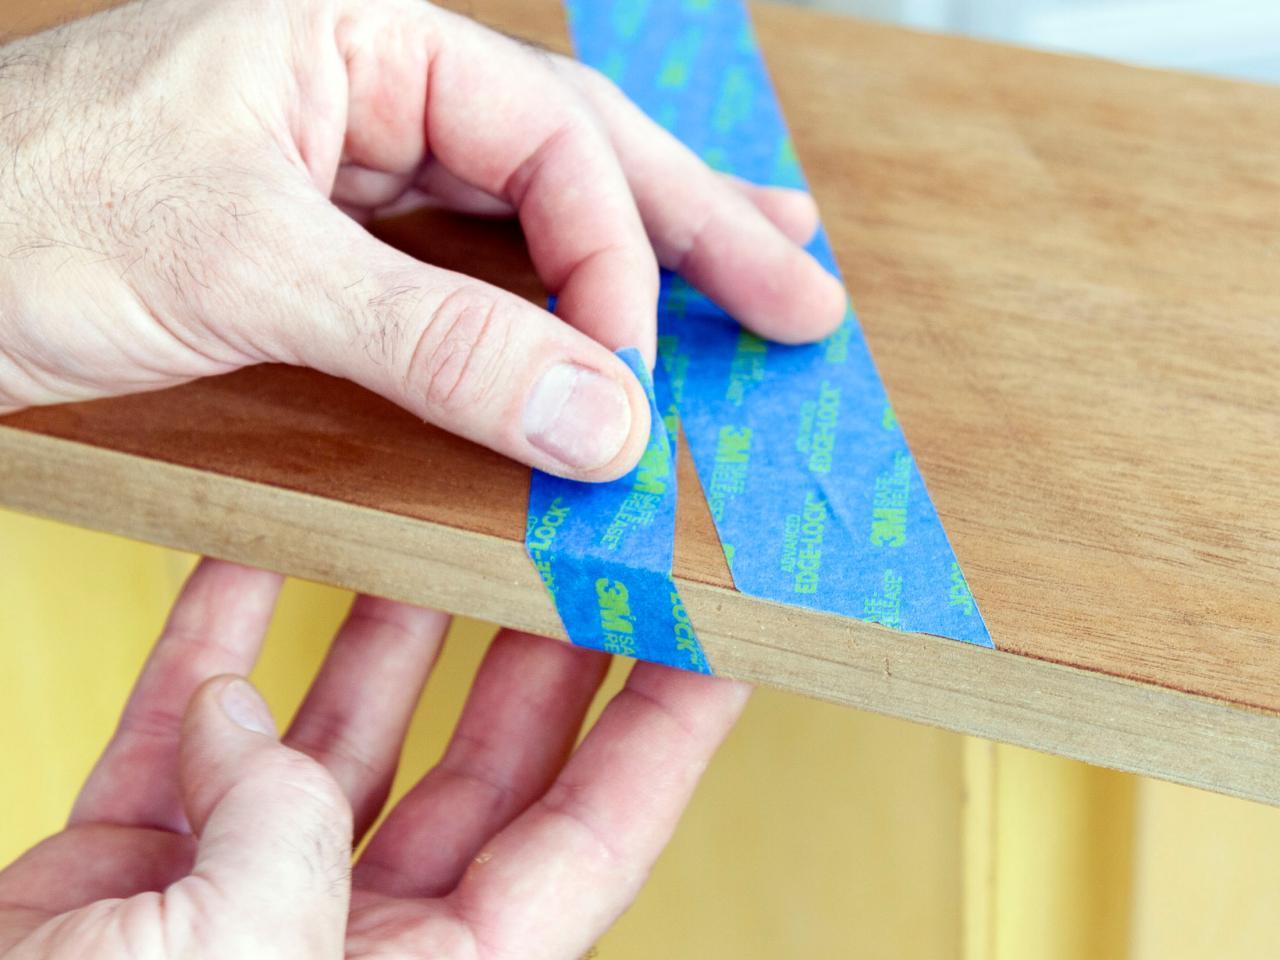 Как обновить комод своими руками - добавляем скотч к краям и торцам